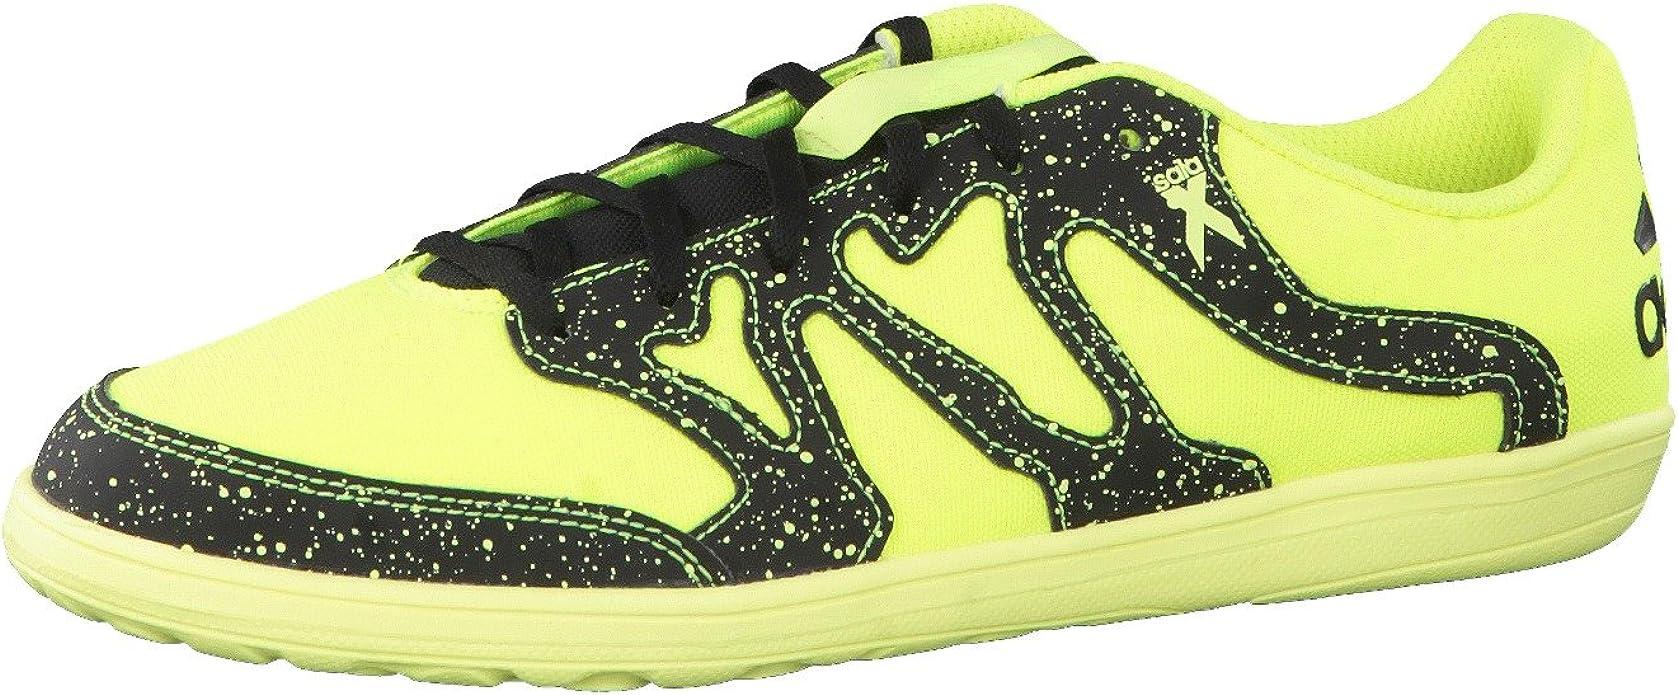 adidas , Chaussures pour Homme spécial Foot en Salle